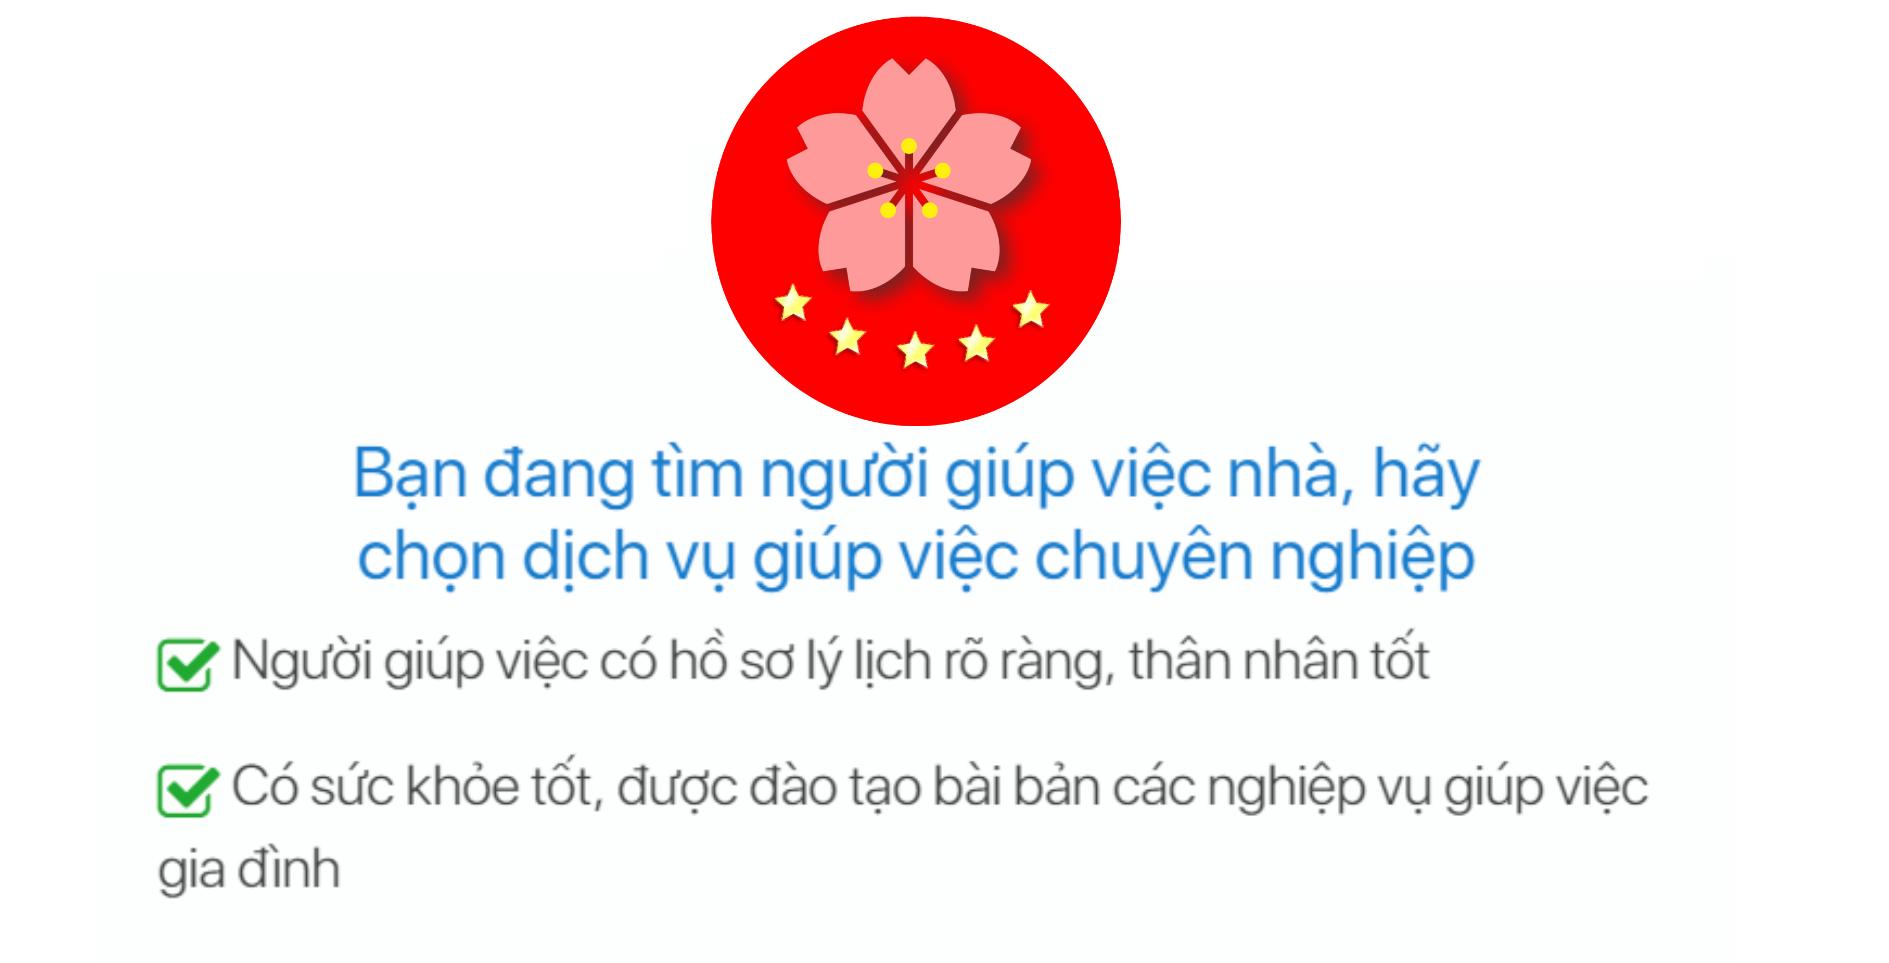 Ưu điểm gói Giúp việc Theo giờ Nha Trang Sakura